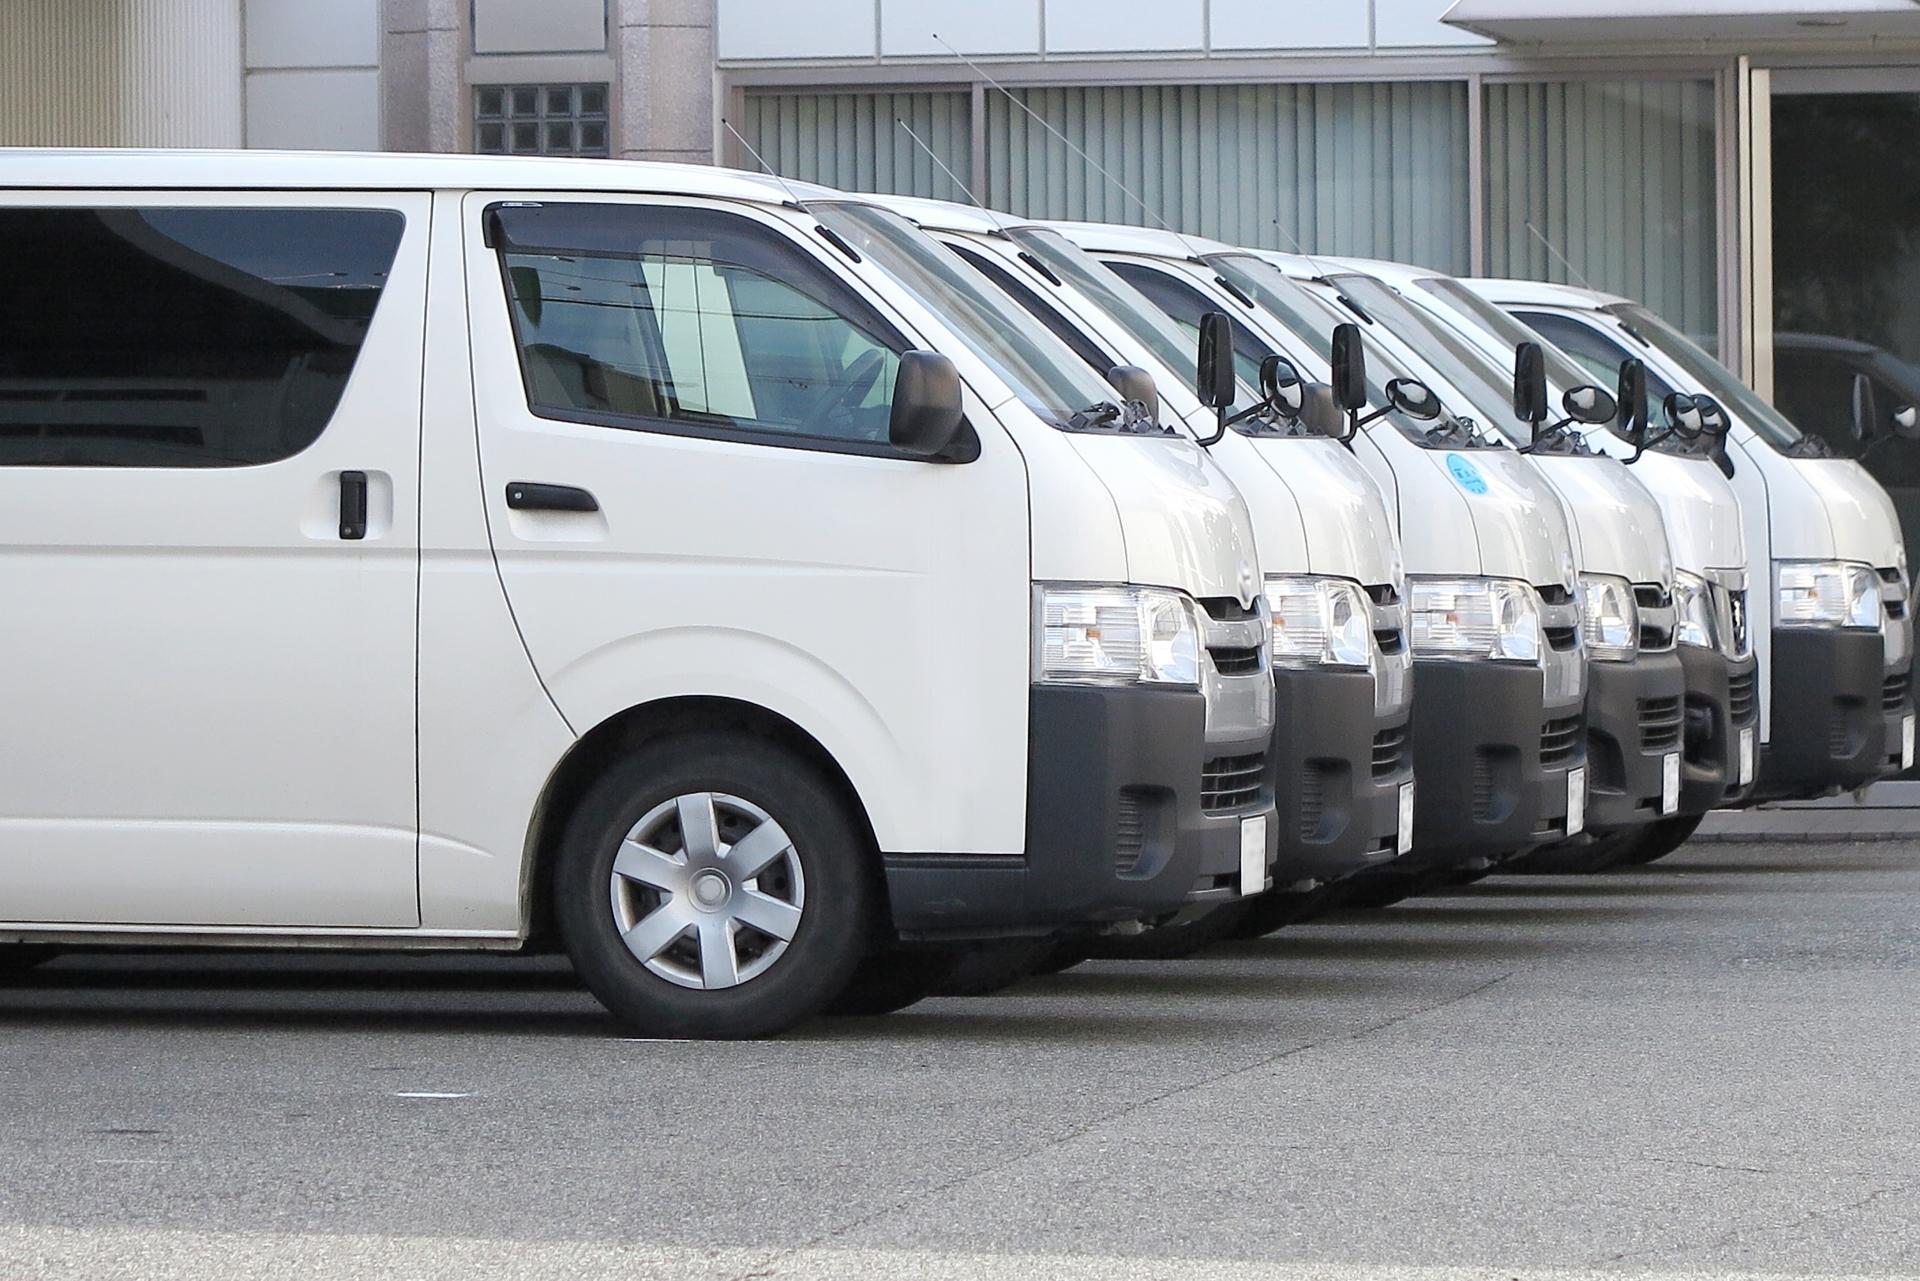 自動車のIoT化による運行効率化・交通事故削減